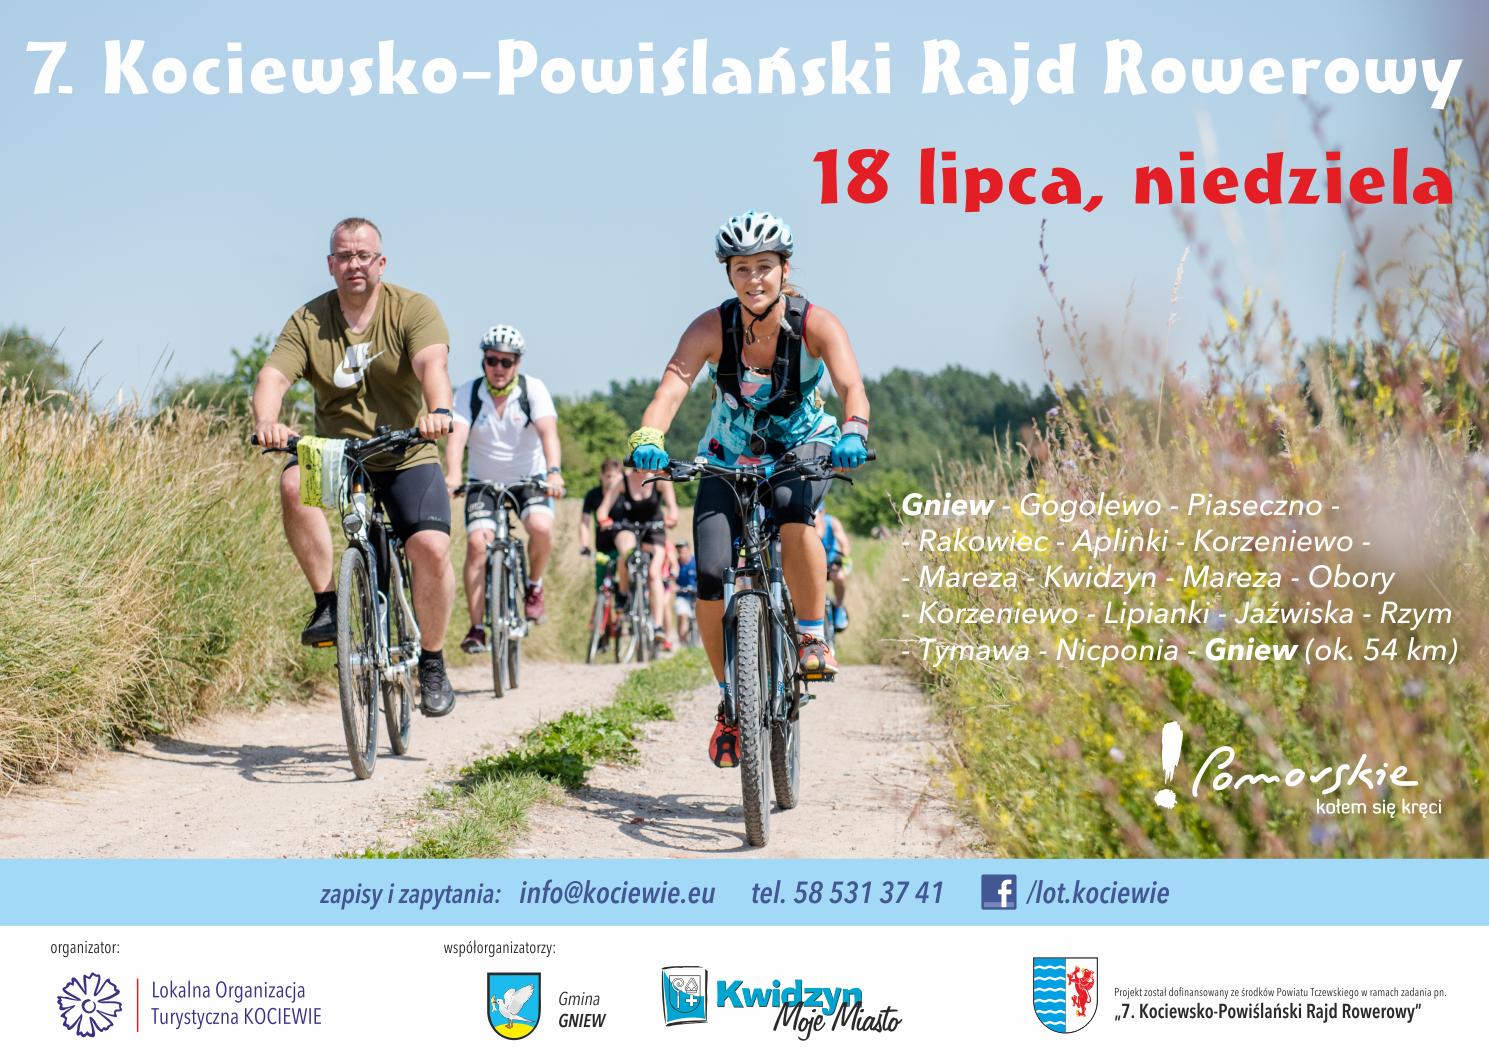 na obrazku rowerzyści jadący po polnej drodze, plakat reklamuje 7. Kociewsko-Powiślański Rajd Rowerowy